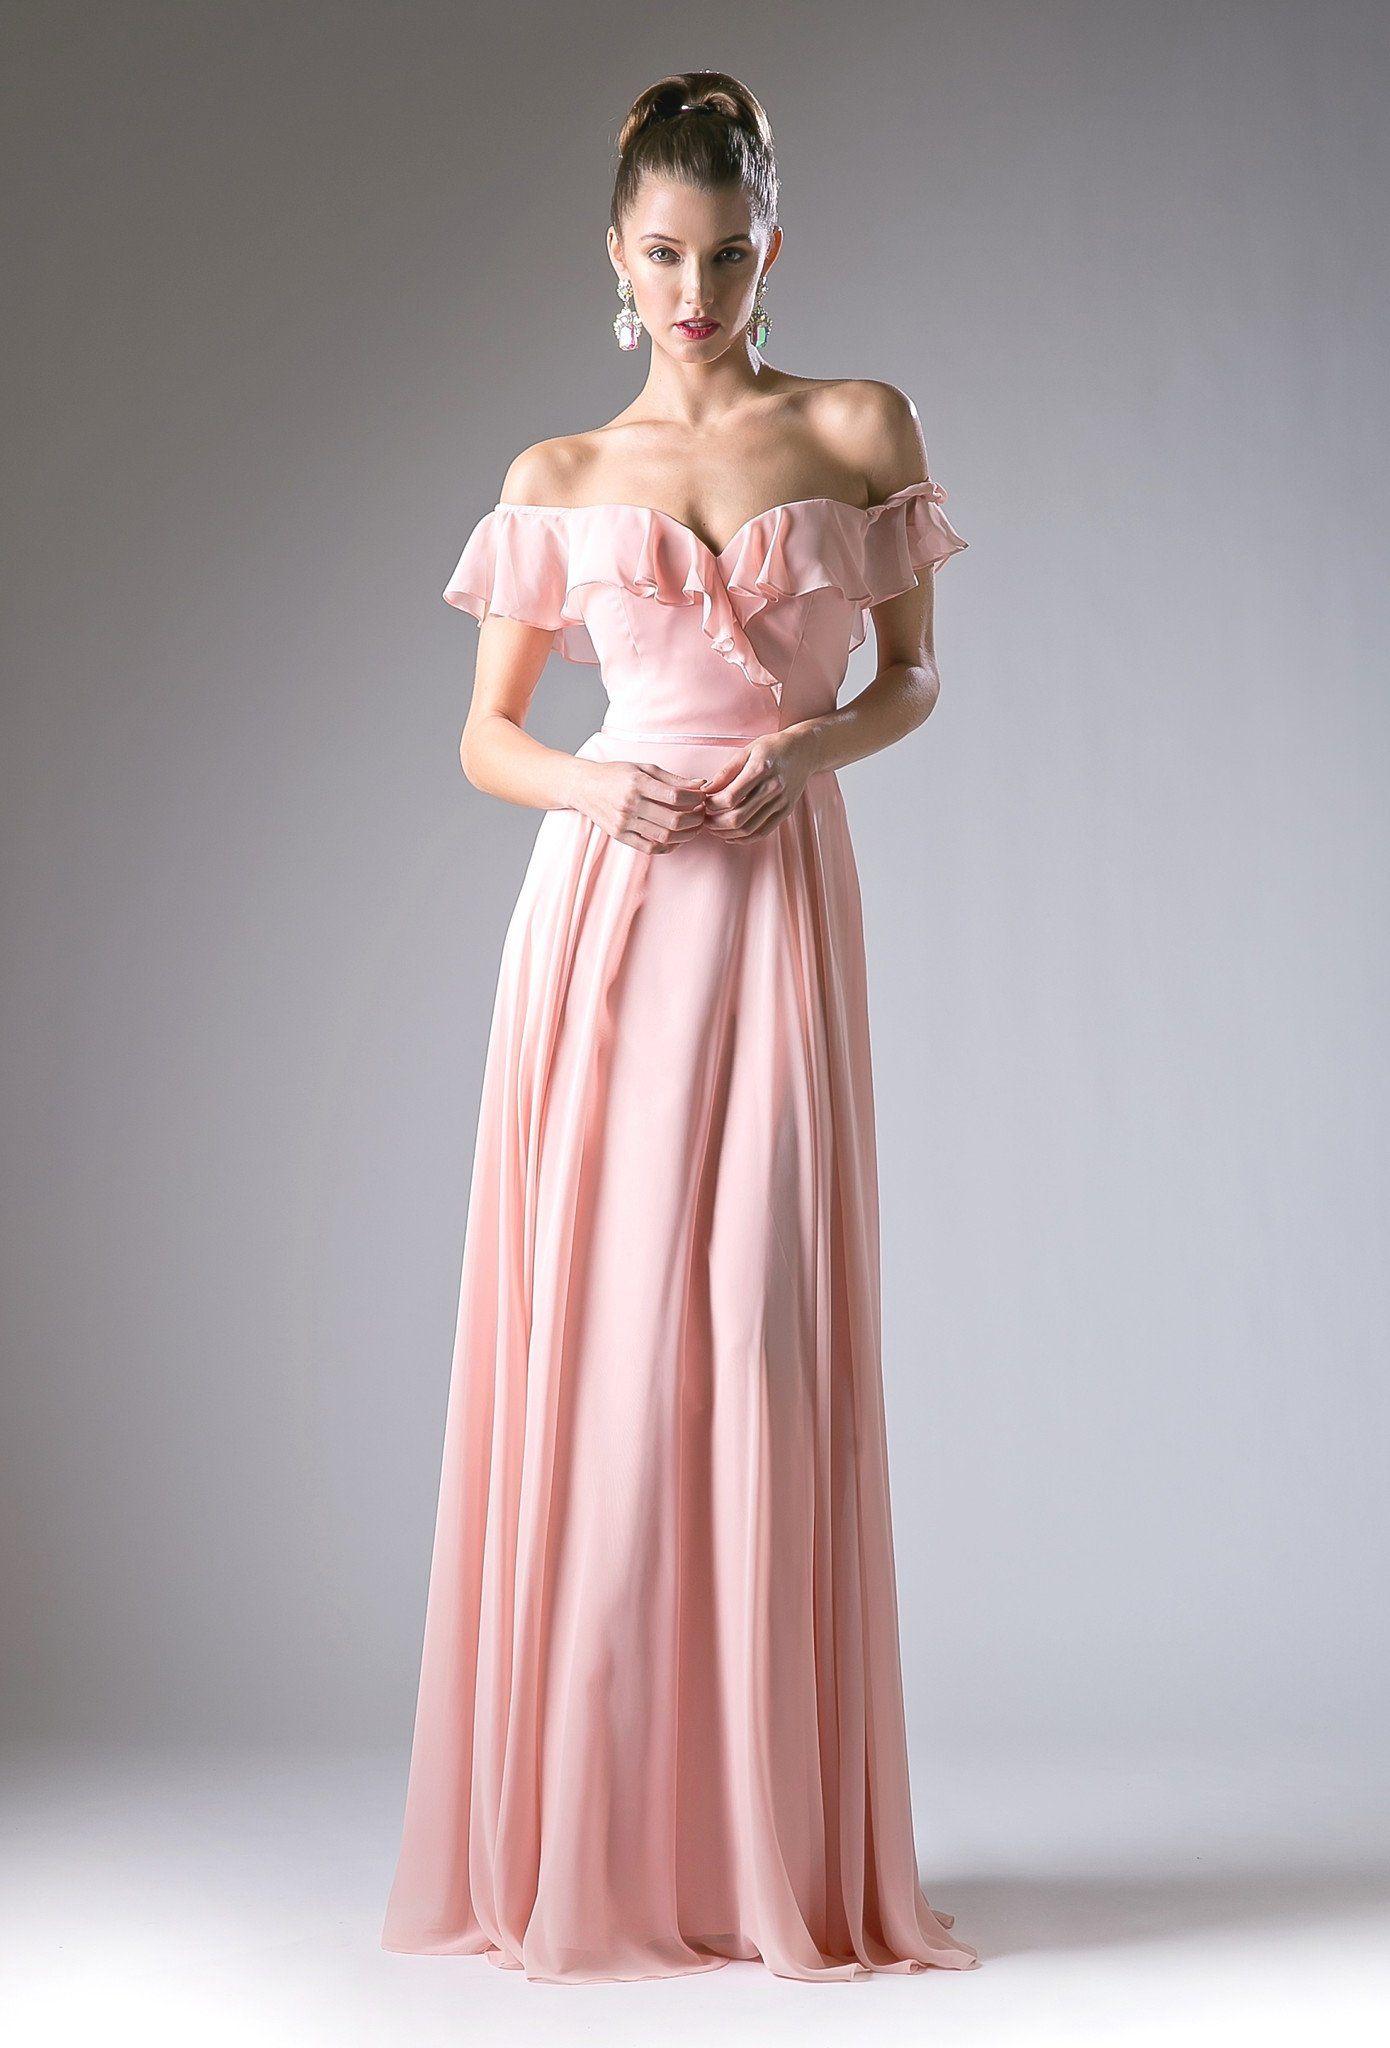 Lujo Vestido De Novia De Disney Cenicienta Composición - Colección ...